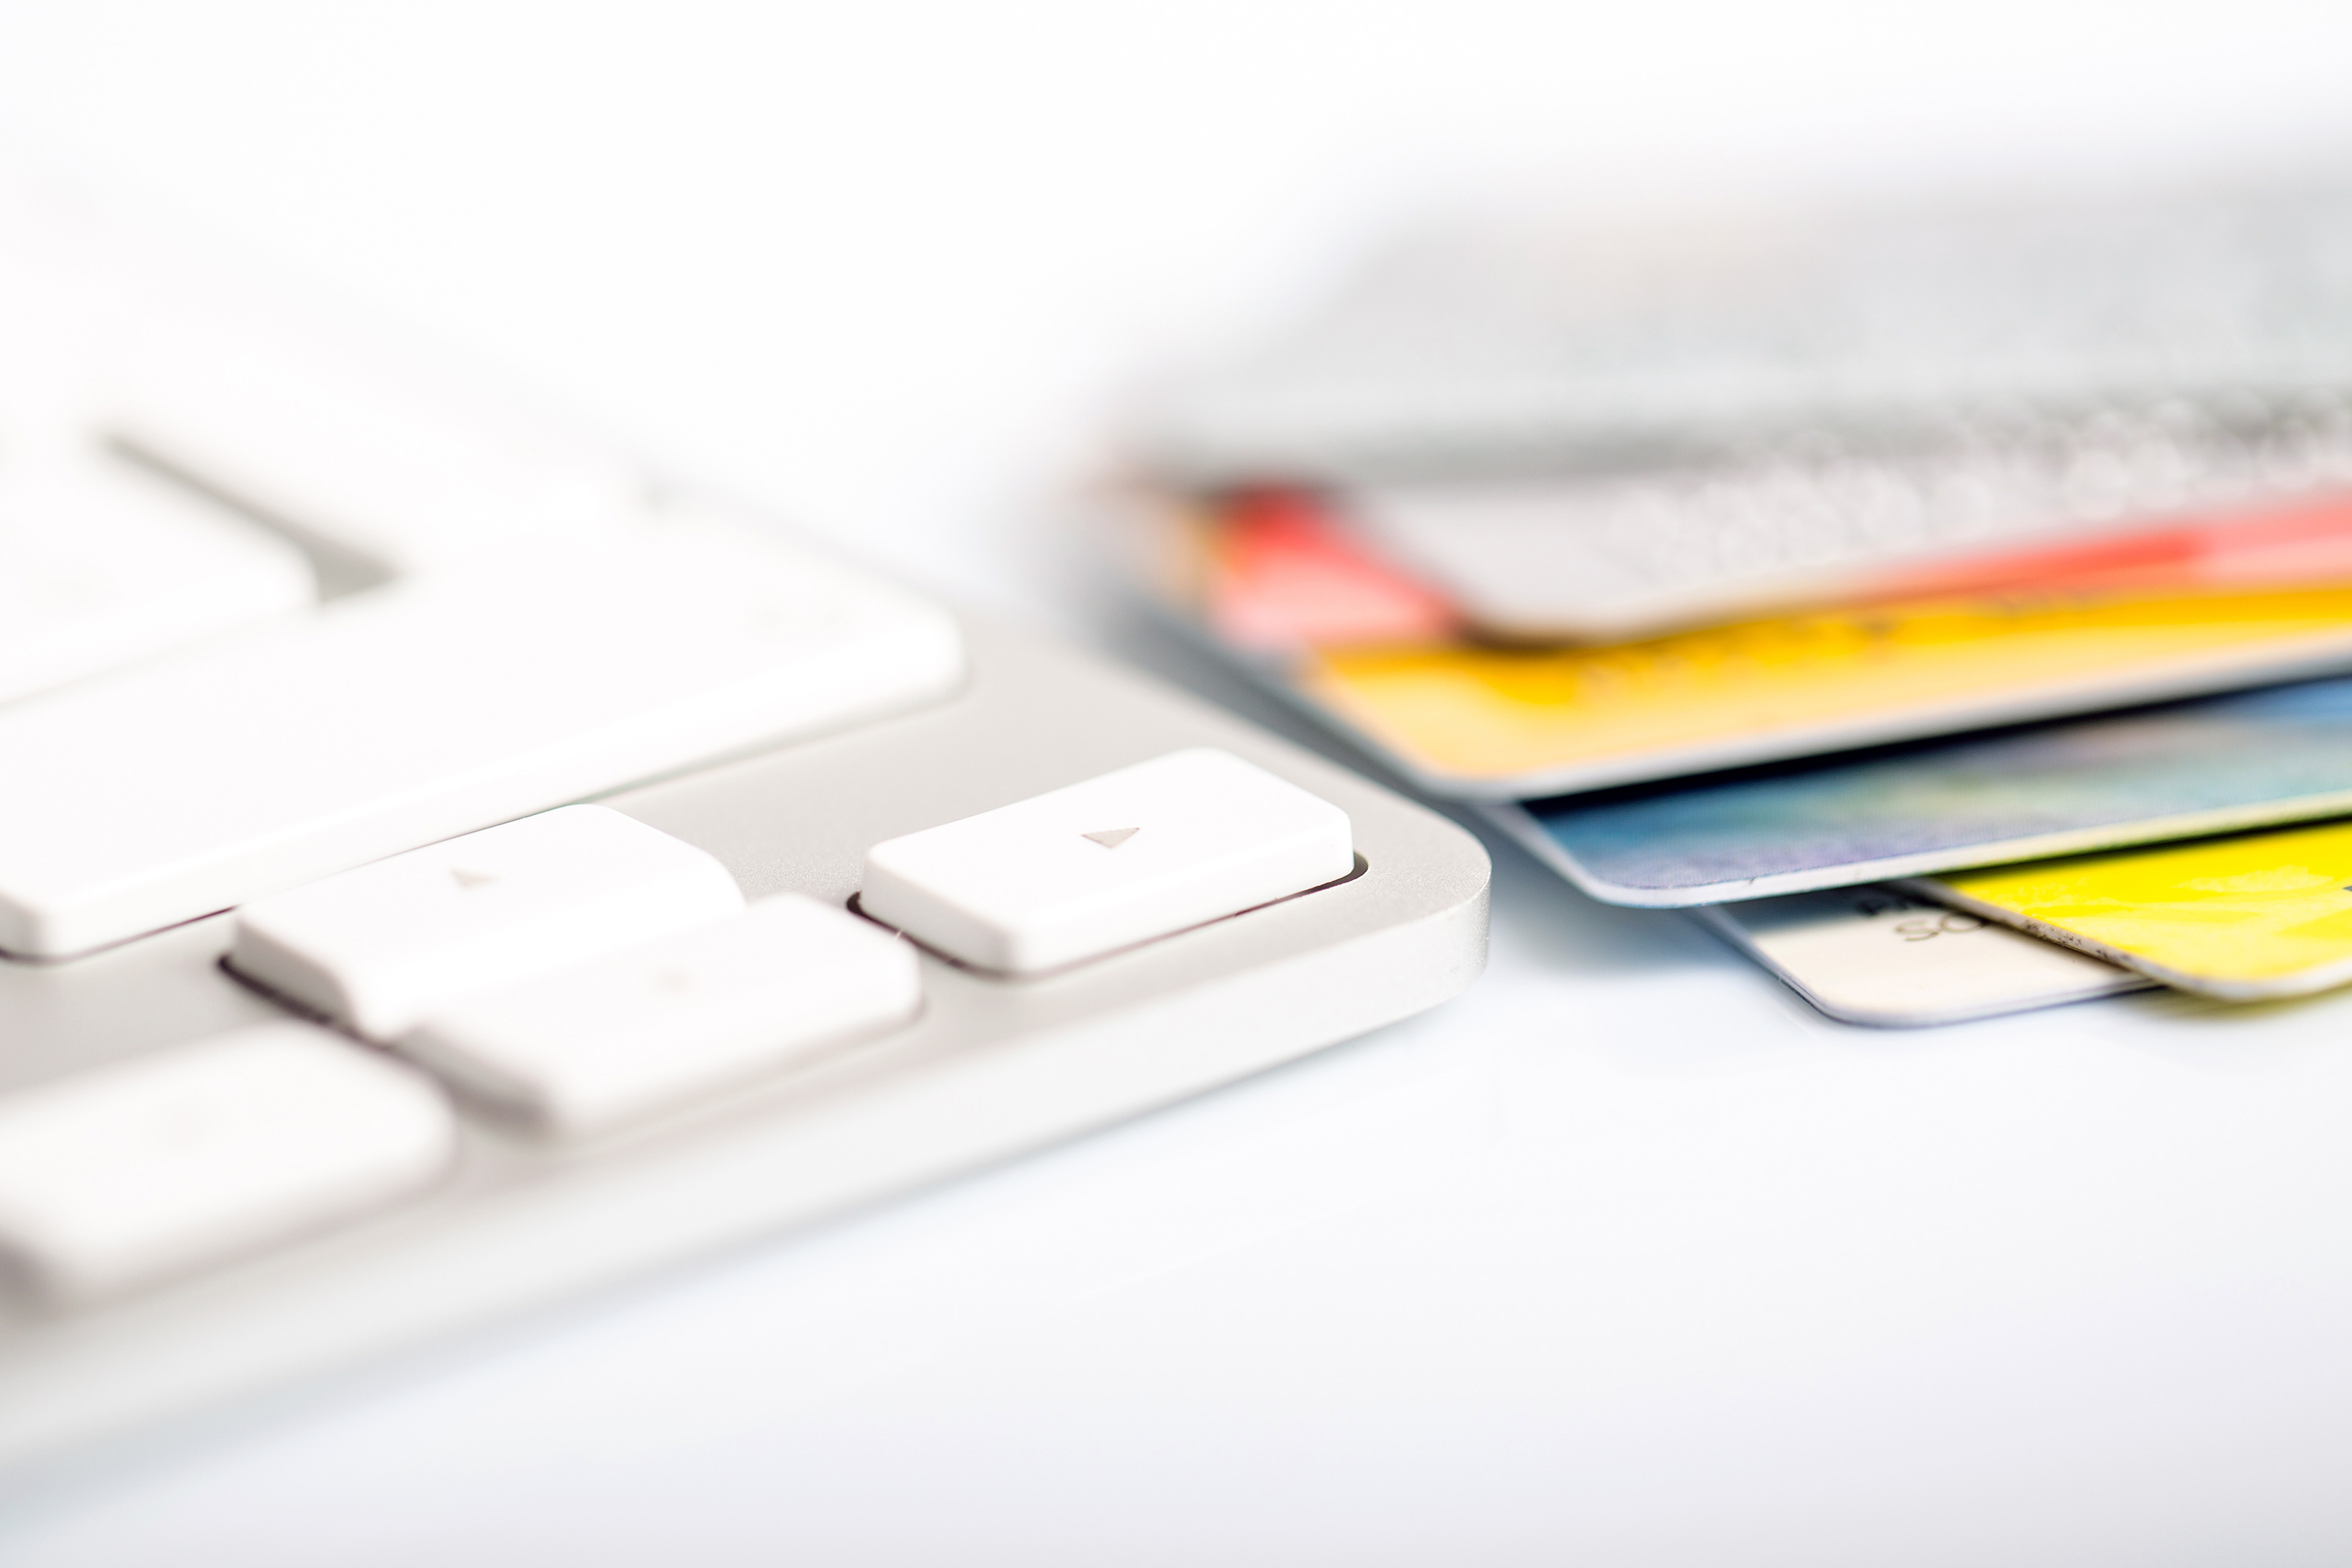 Teclado Apple com cartões de crédito